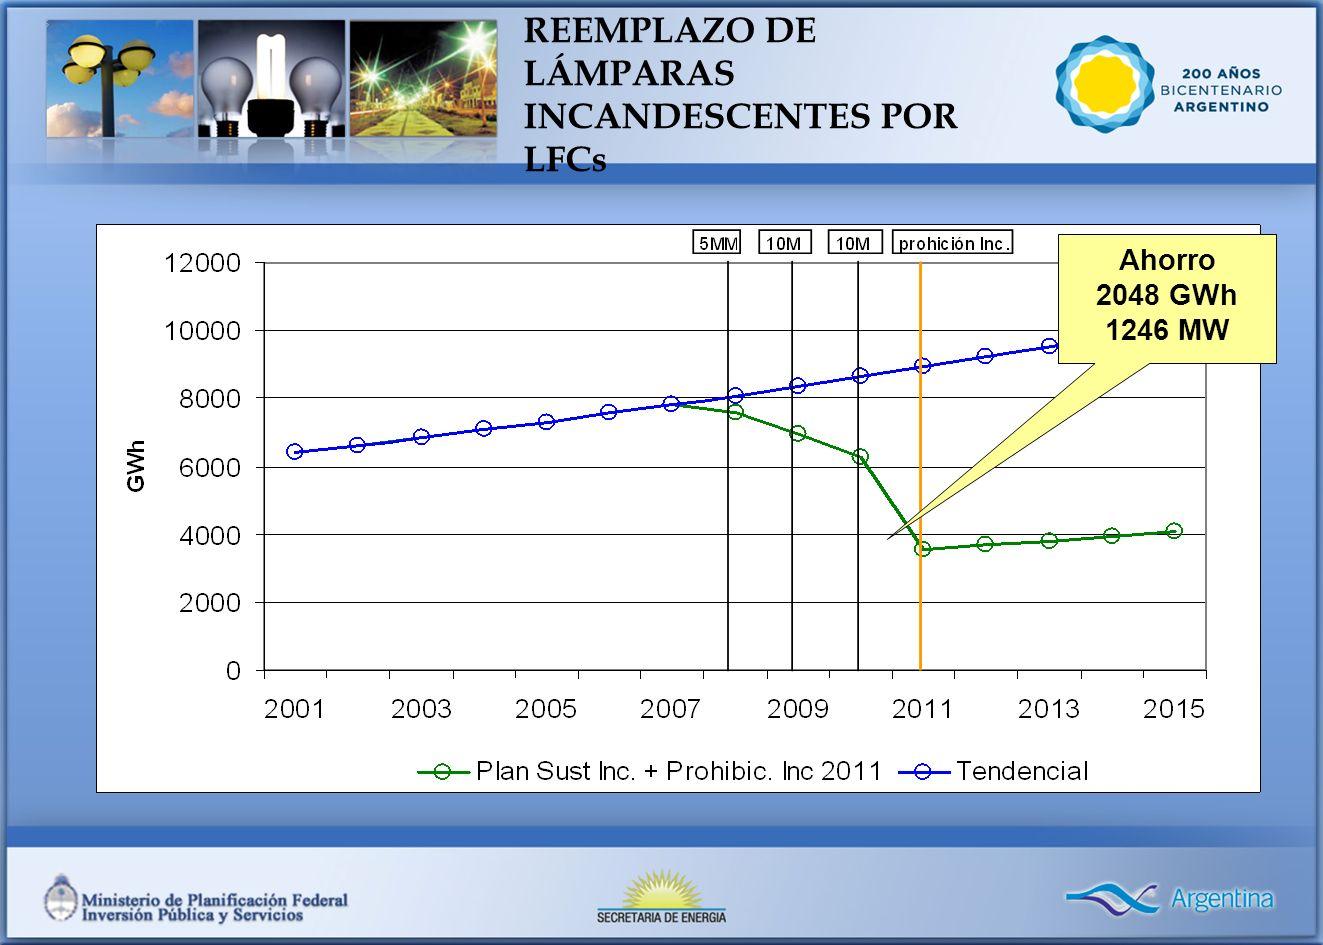 REEMPLAZO DE LÁMPARAS INCANDESCENTES POR LFCs